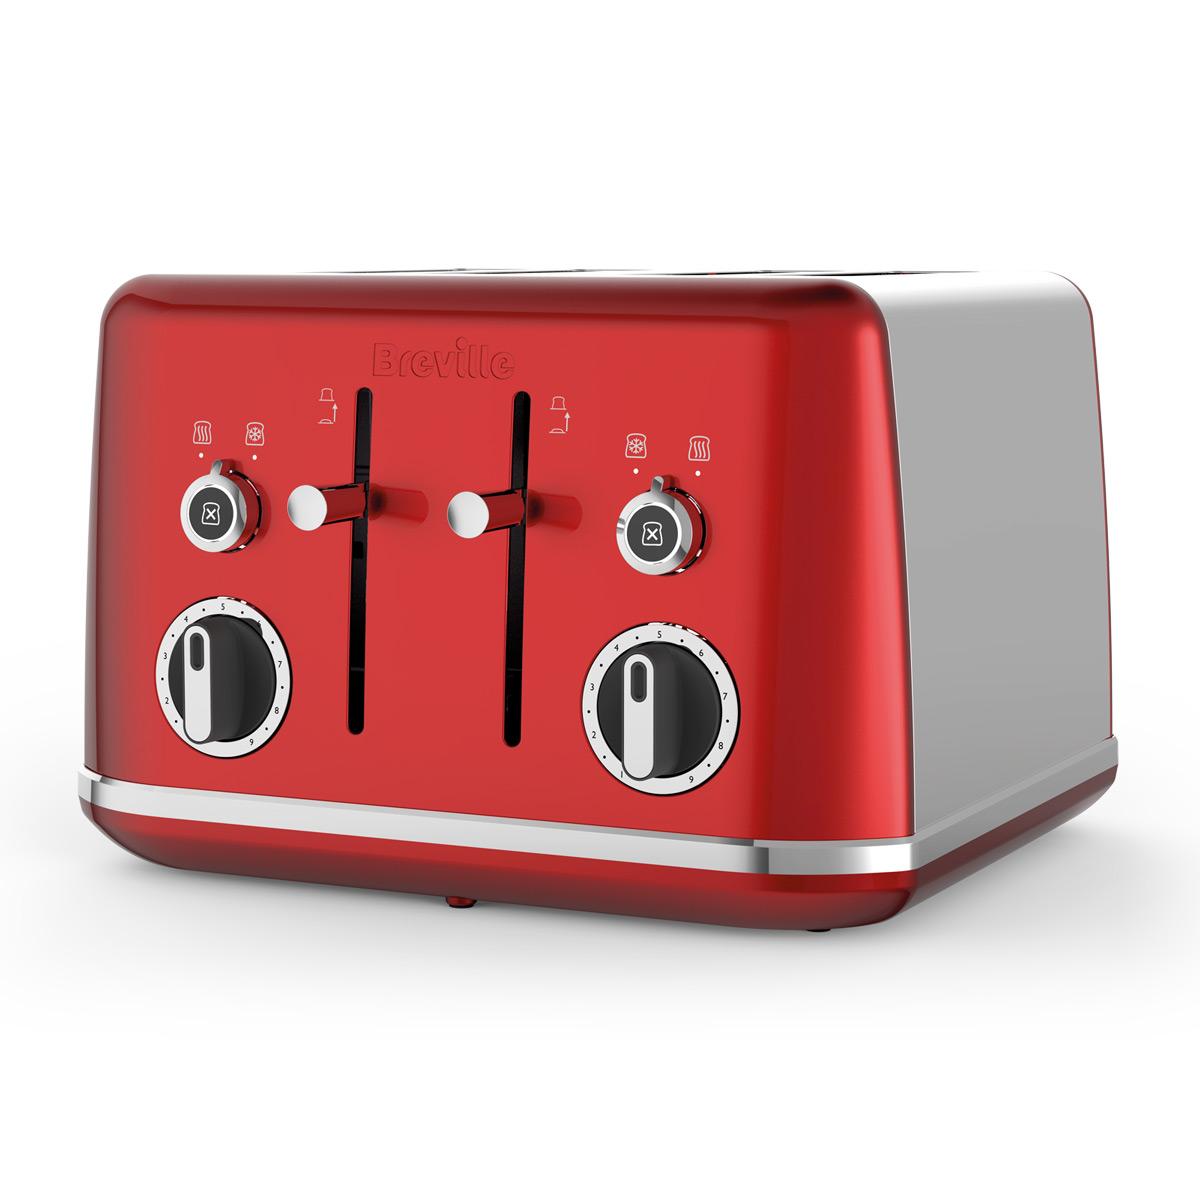 lustra kettle and toaster set candy red breville. Black Bedroom Furniture Sets. Home Design Ideas